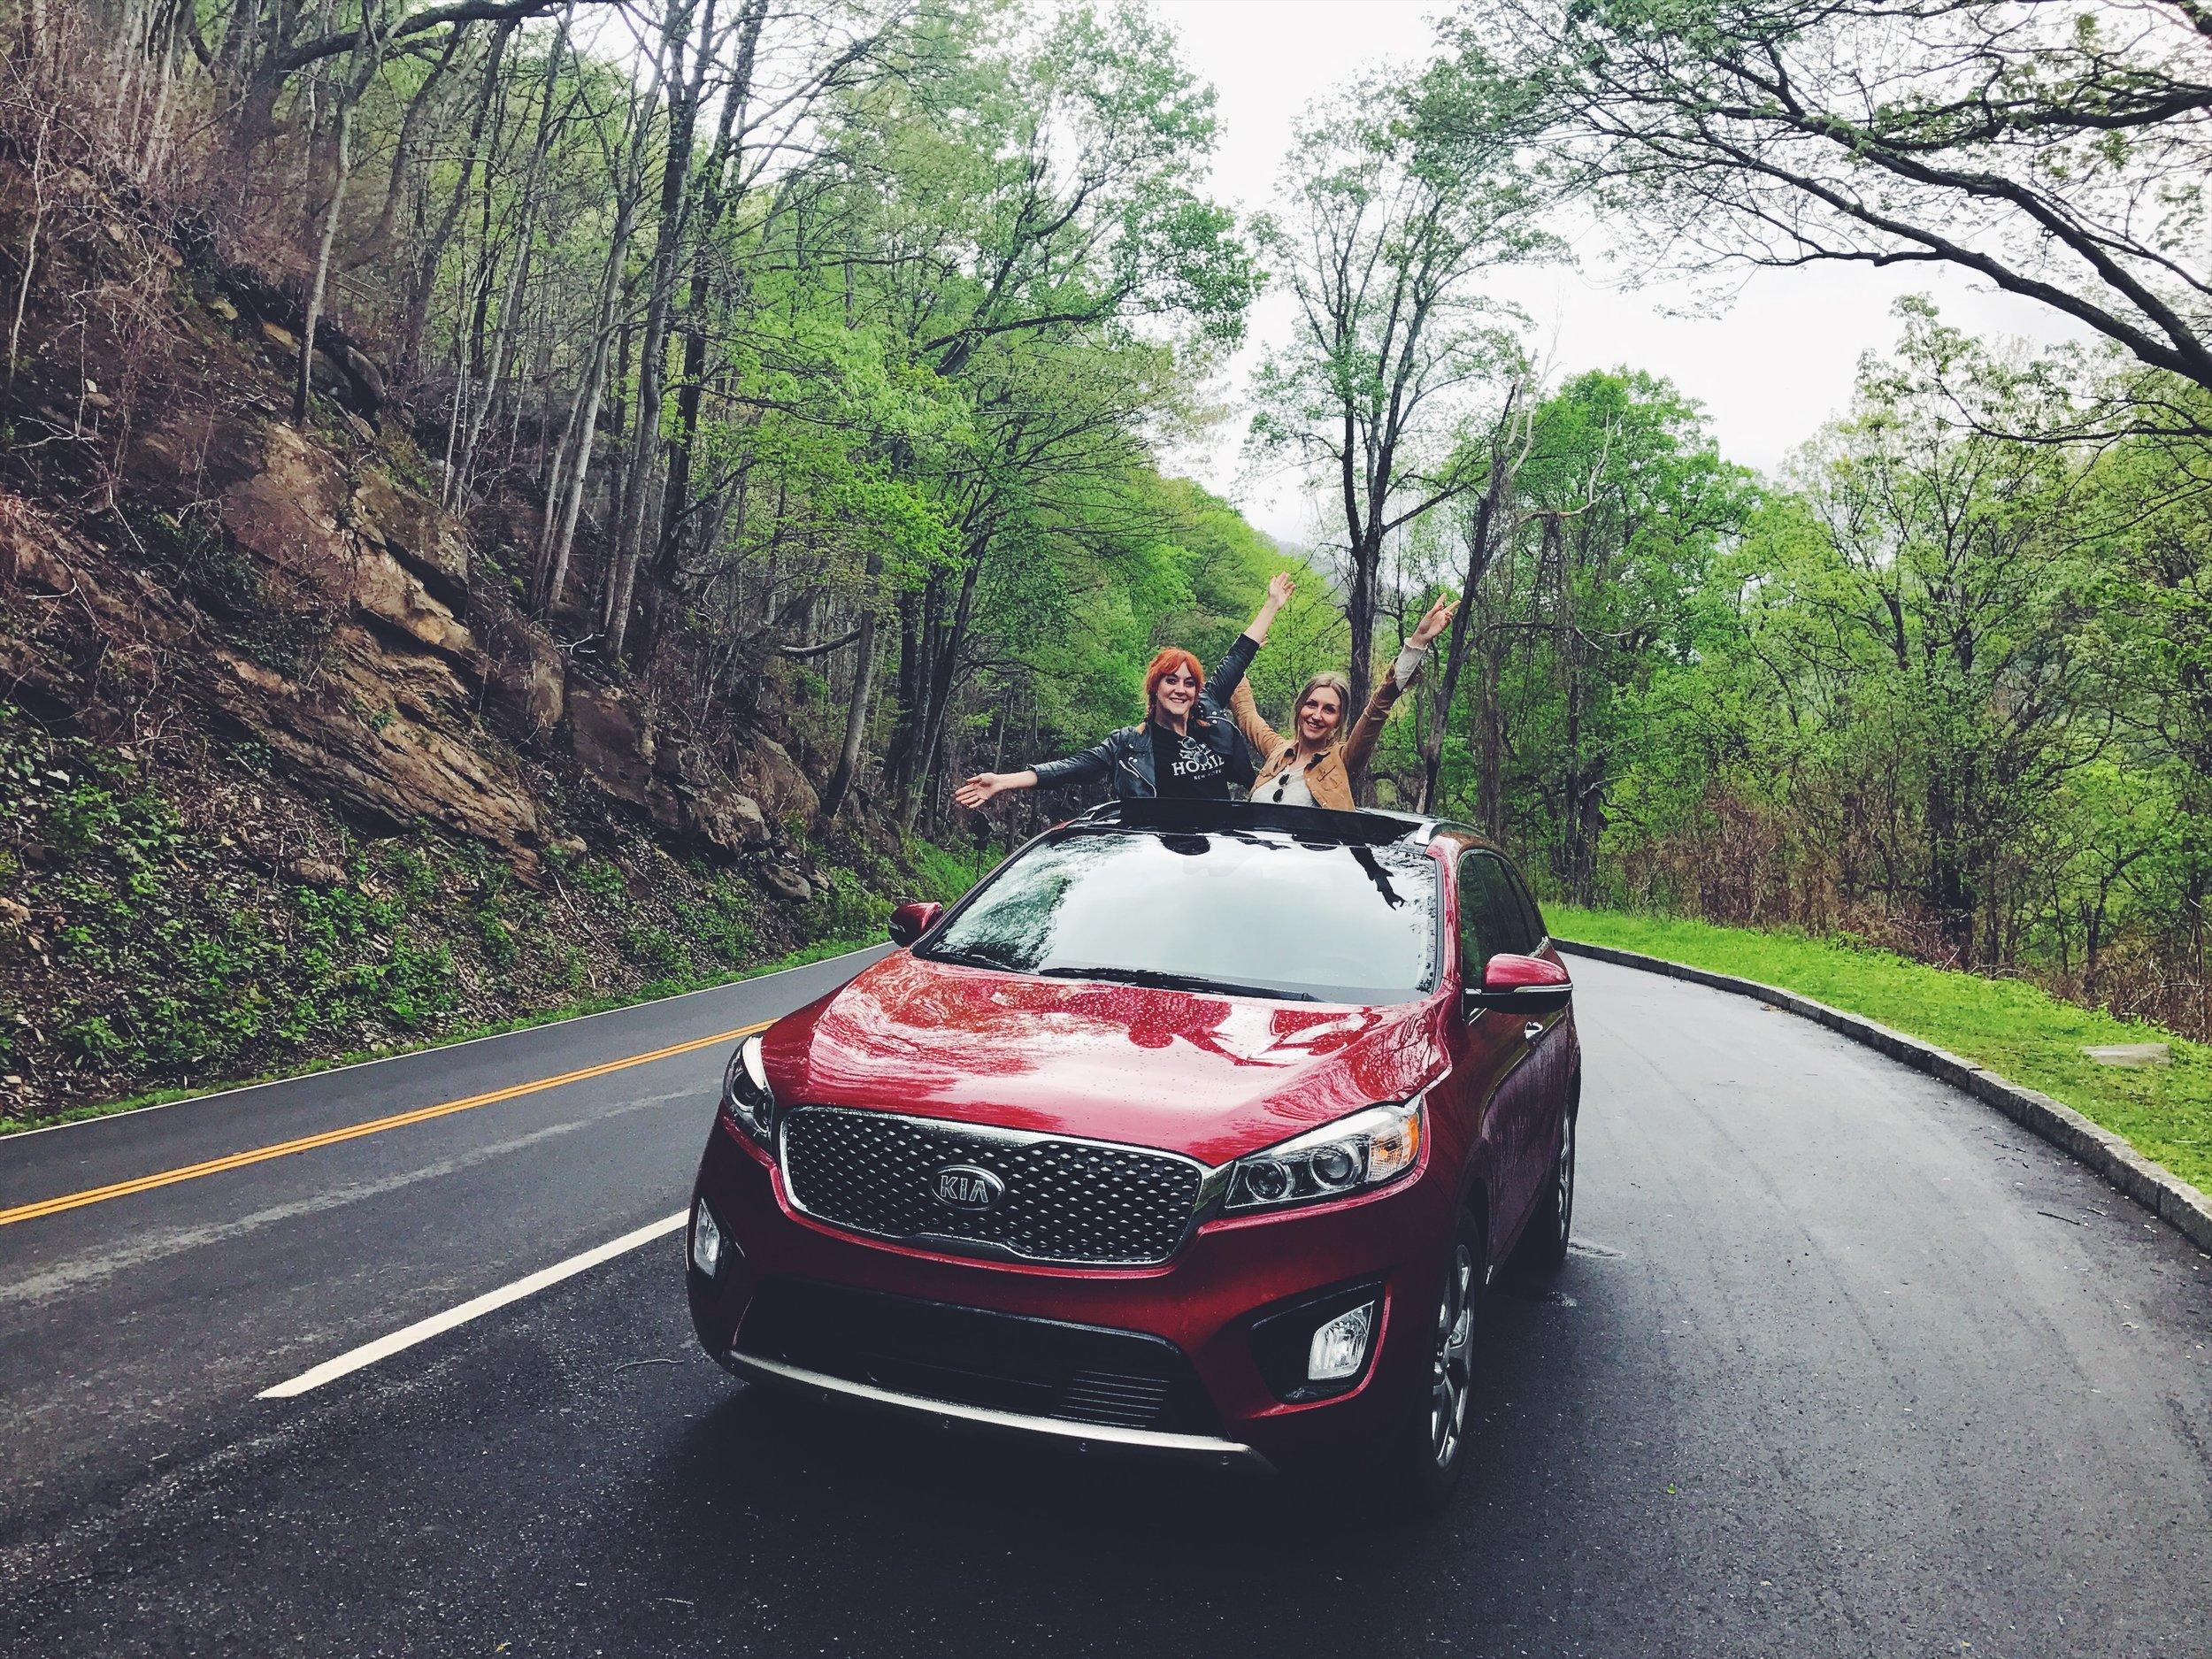 Lucie Loves Kia Sorento US road trip